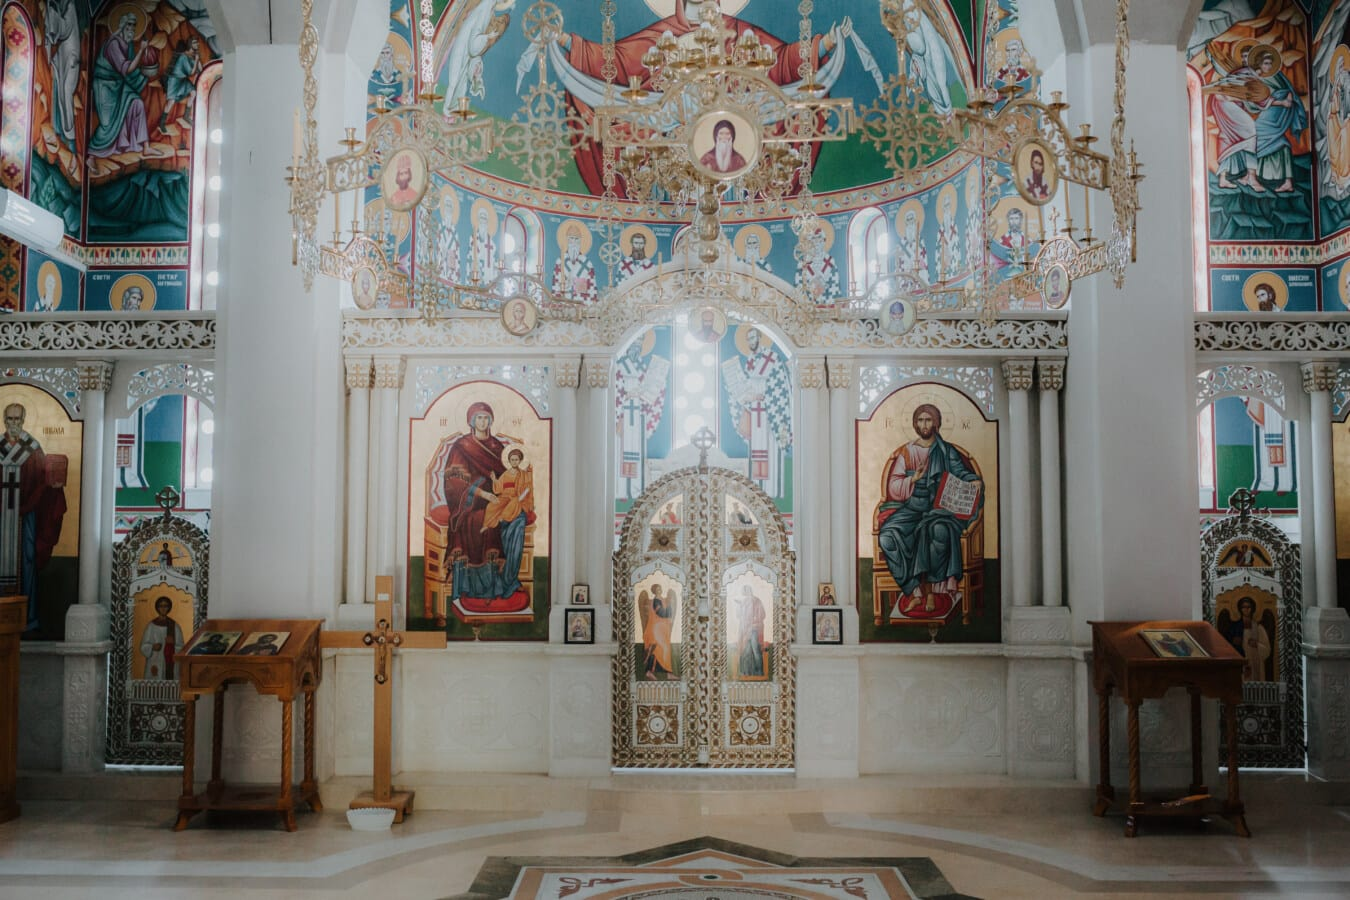 Russe, autel, église, design d'intérieur, orthodoxe, Ukraine, Byzantine, plancher, mosaïque, religion